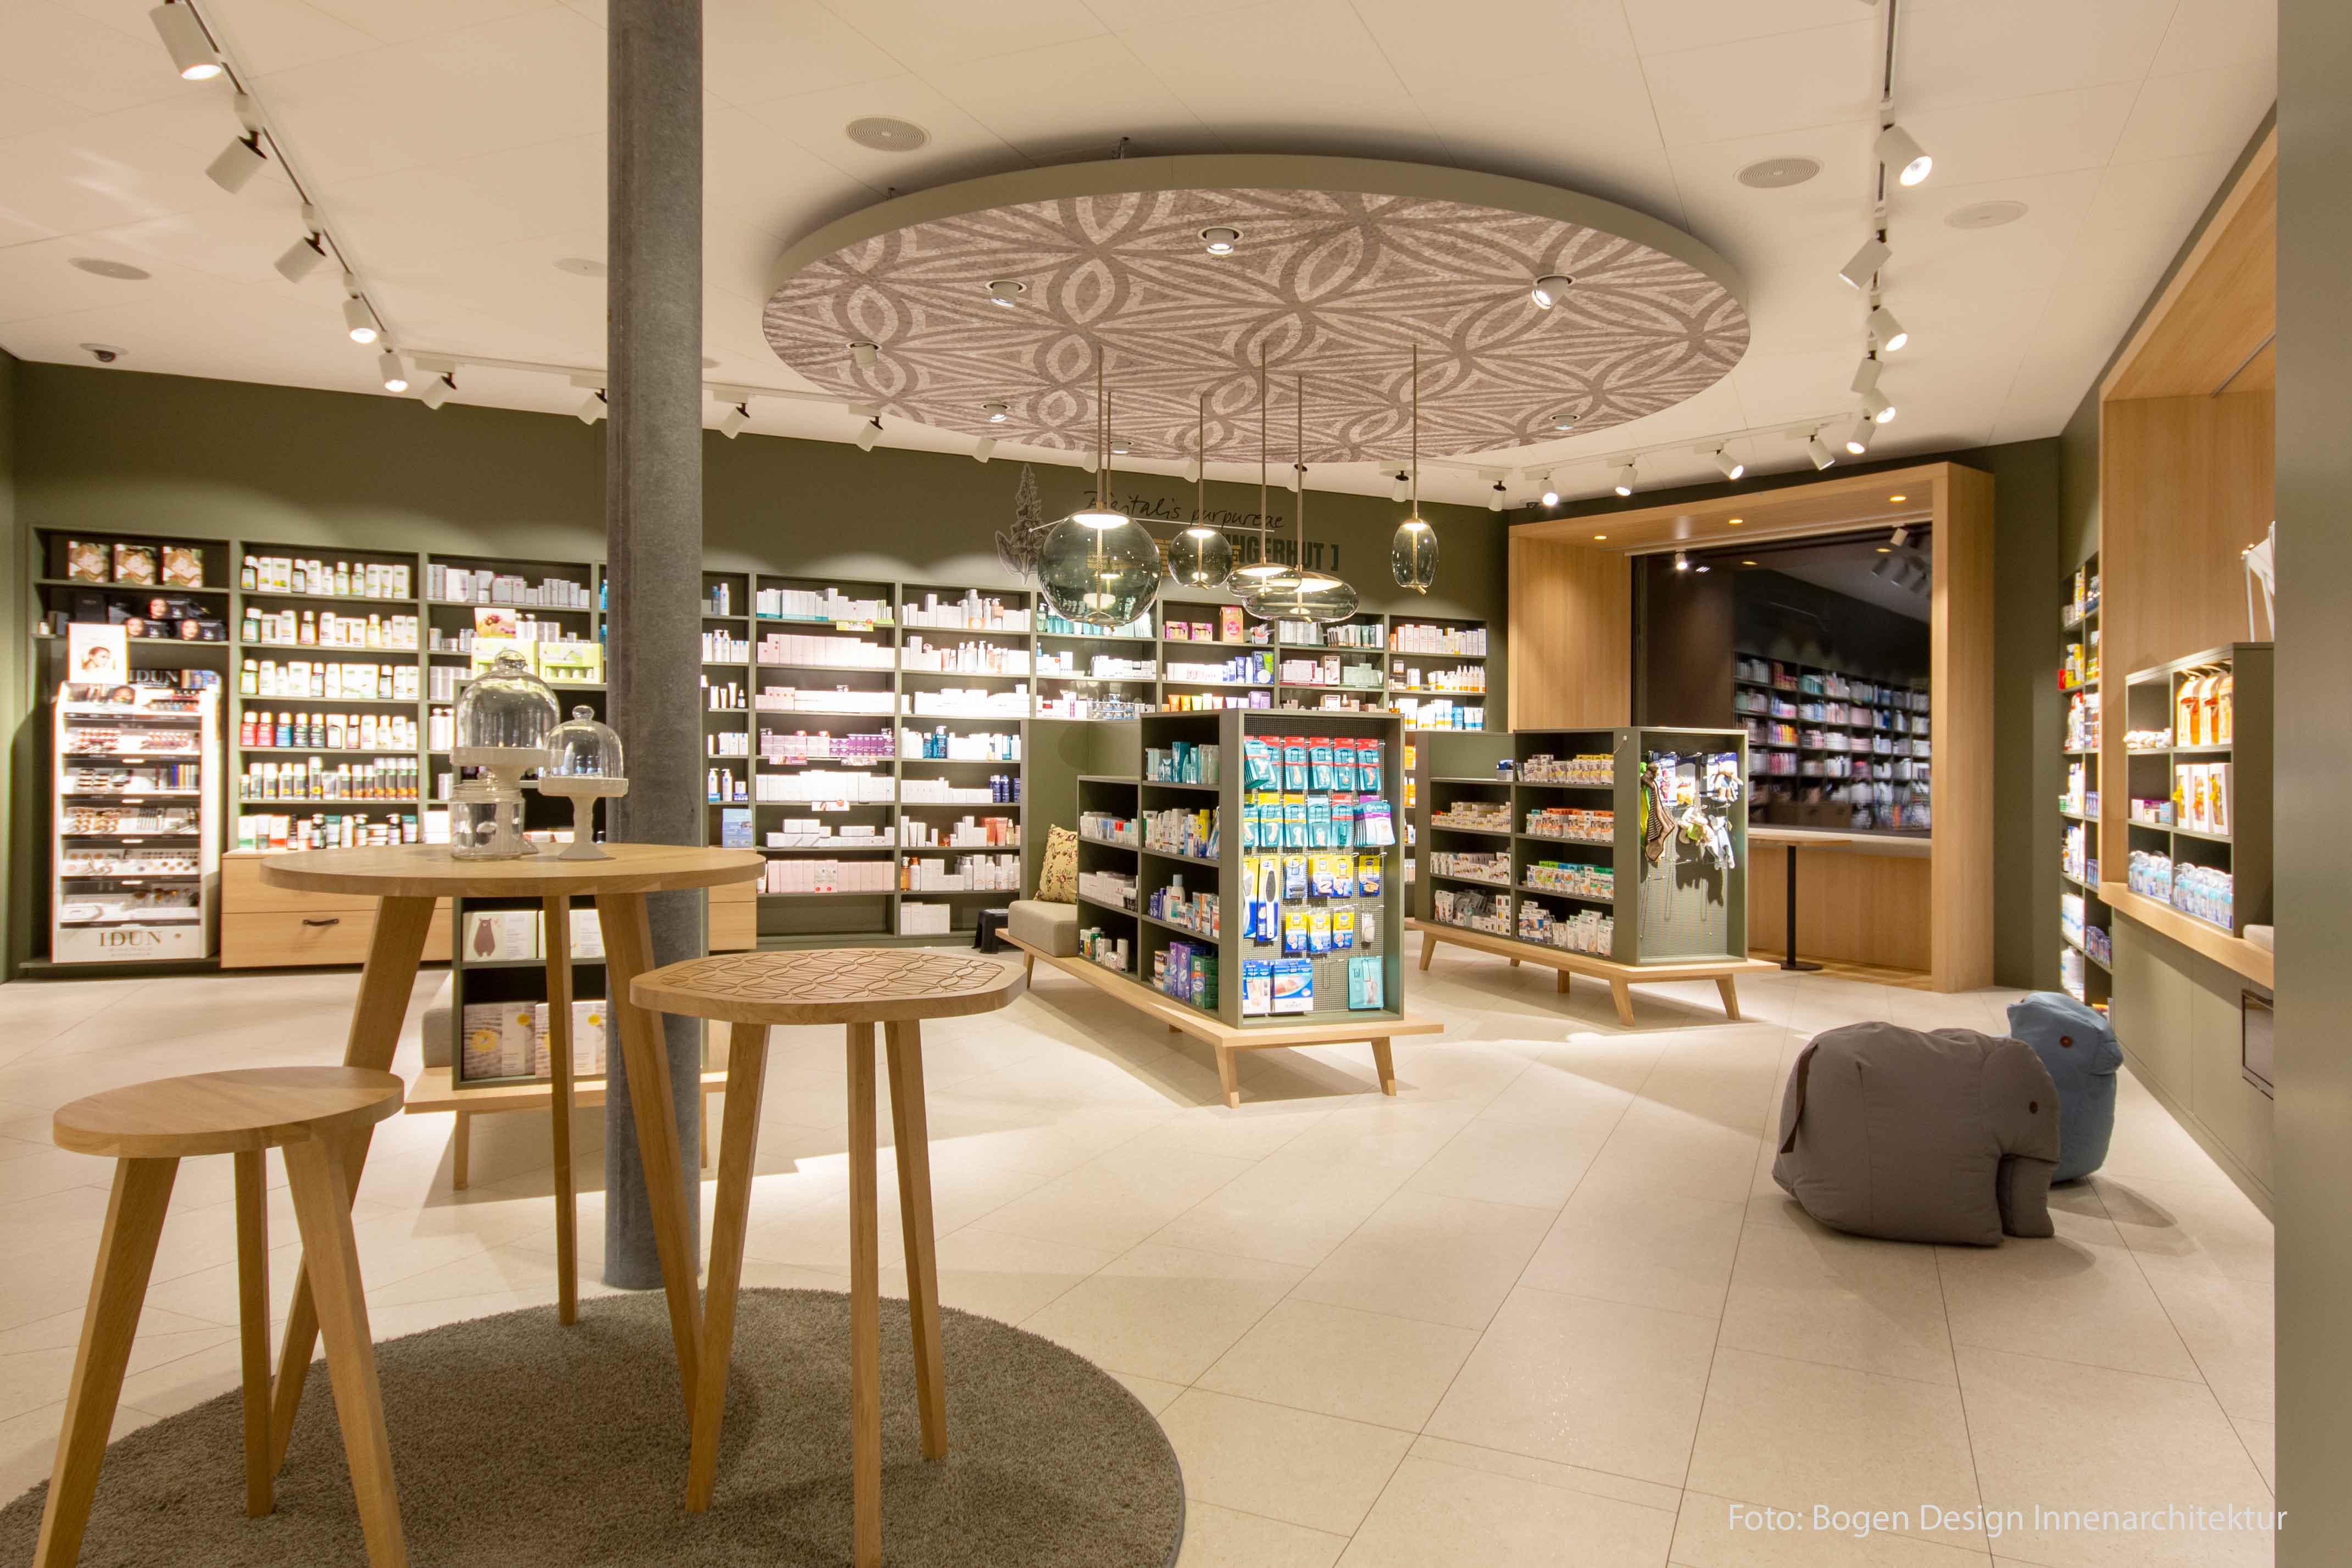 Bild der Inneneinrichtung der TopPharm Apotheke & Drogerie in Buchs AG